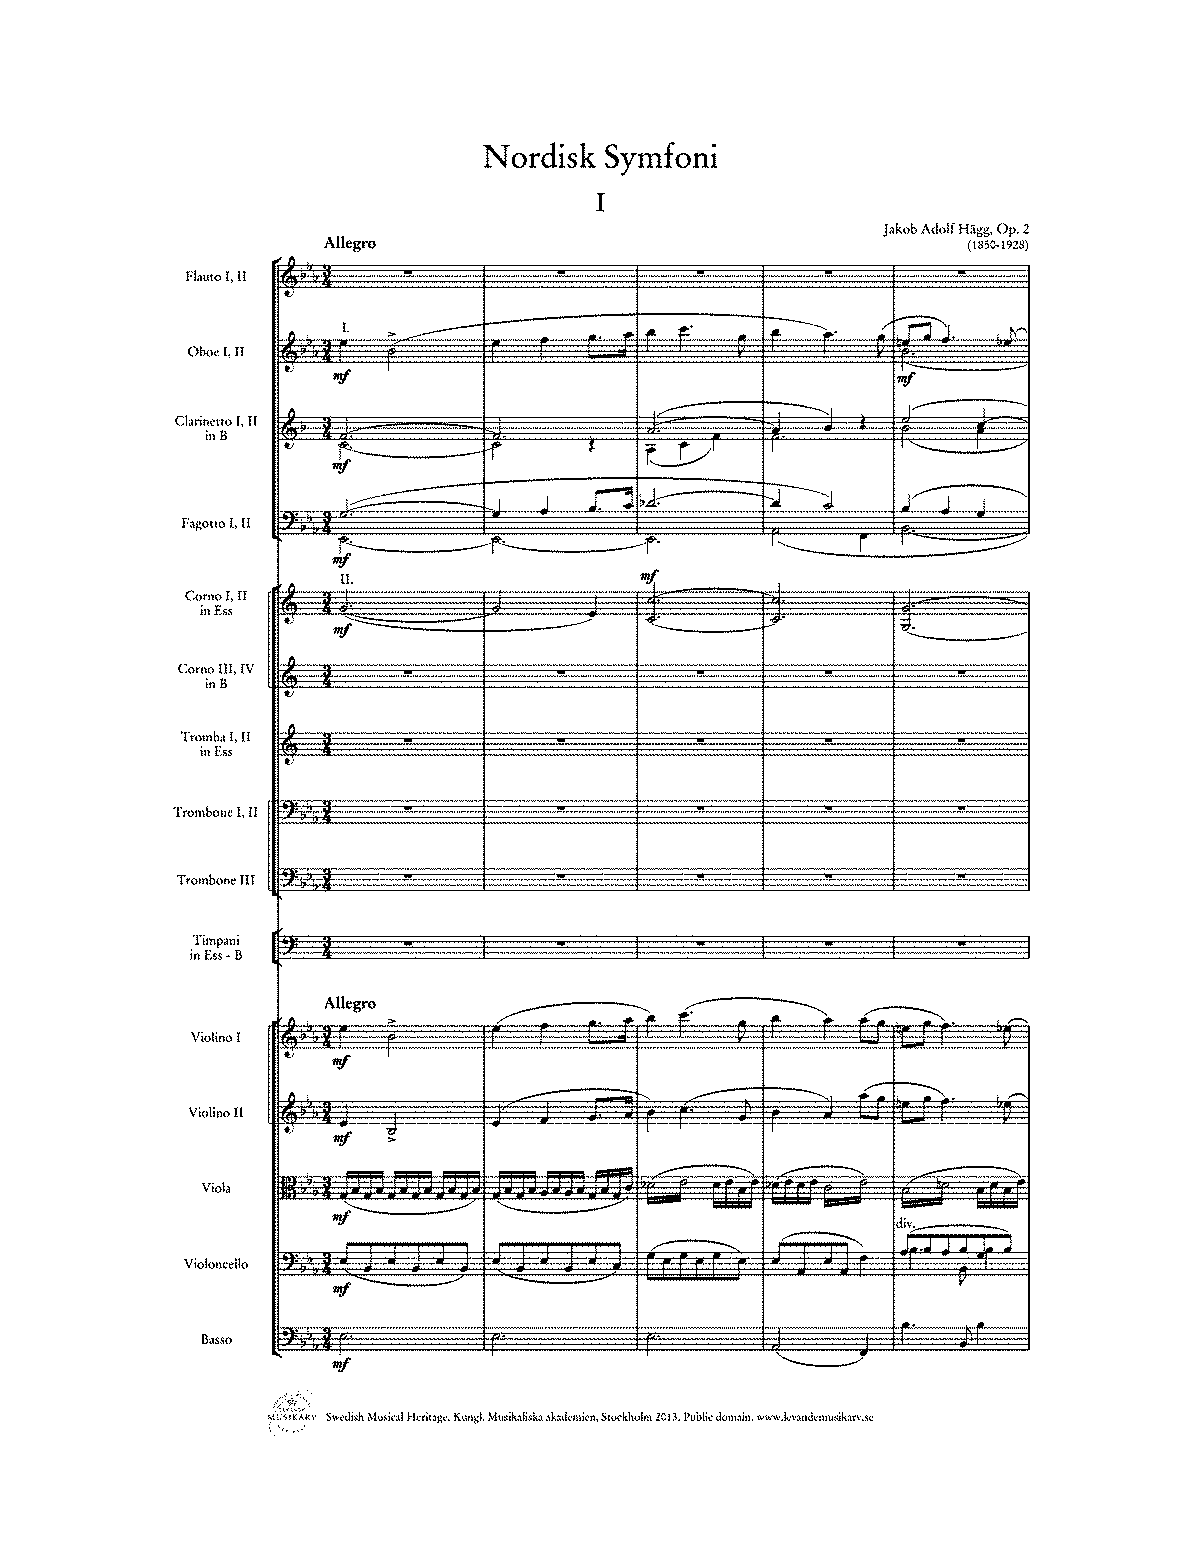 Nordisk Symfoni